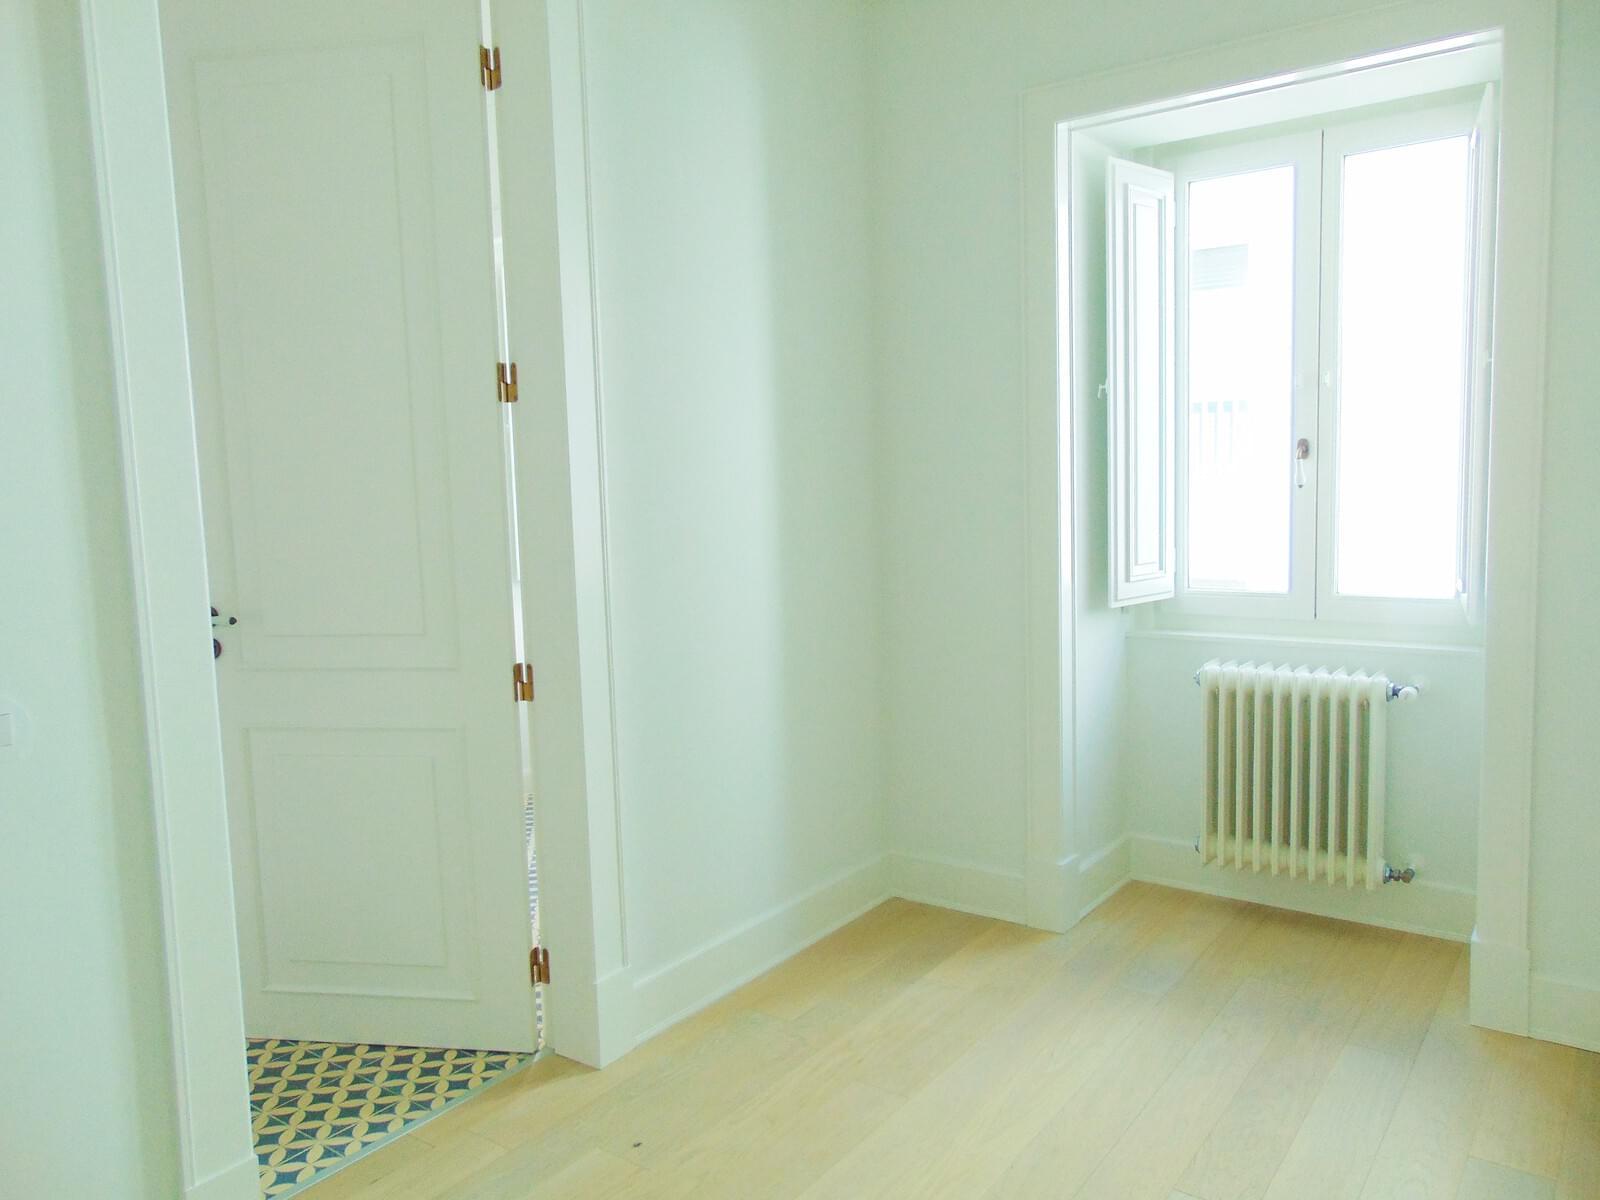 pf18152-apartamento-t2-lisboa-8d75bf5e-1f28-4601-843d-fb5194dc4127